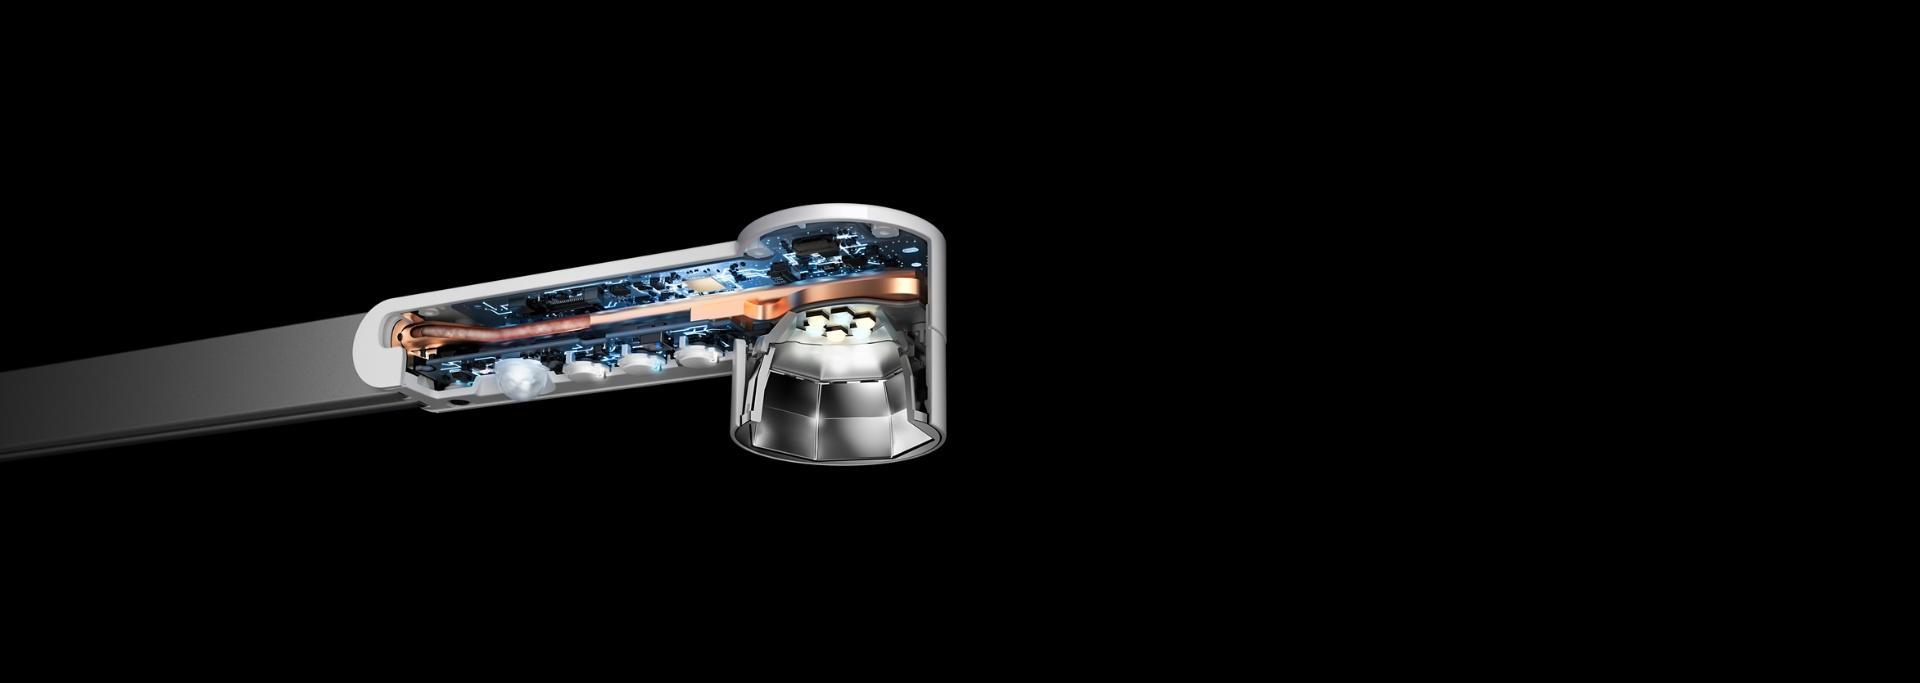 חיתוך של טכנולוגית Dyson Lightcycle